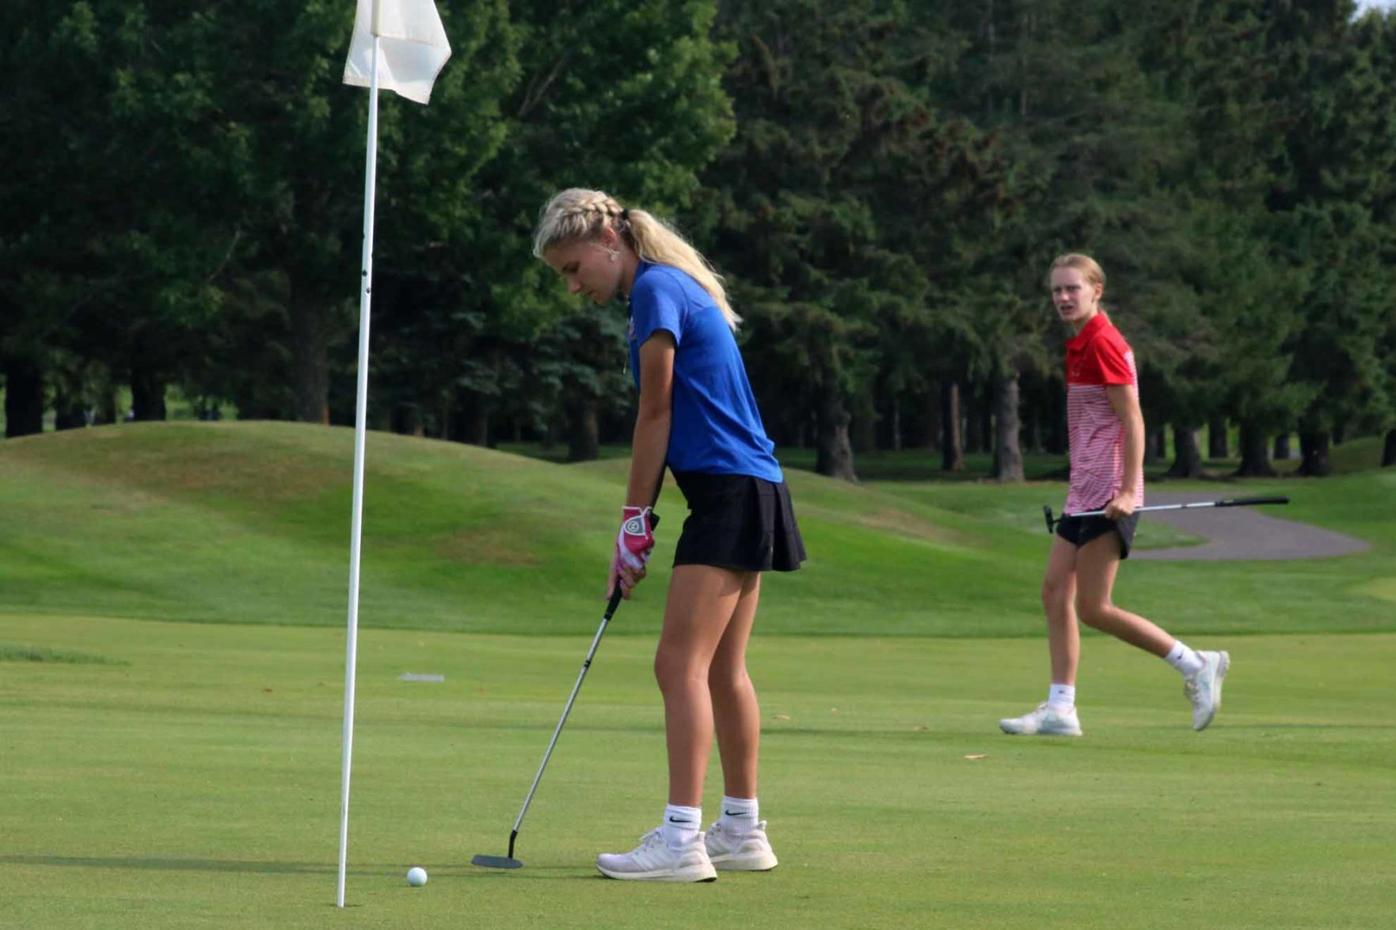 Rice Lake girls golf Big Rivers Conference meet at Turtleback 9-9-21